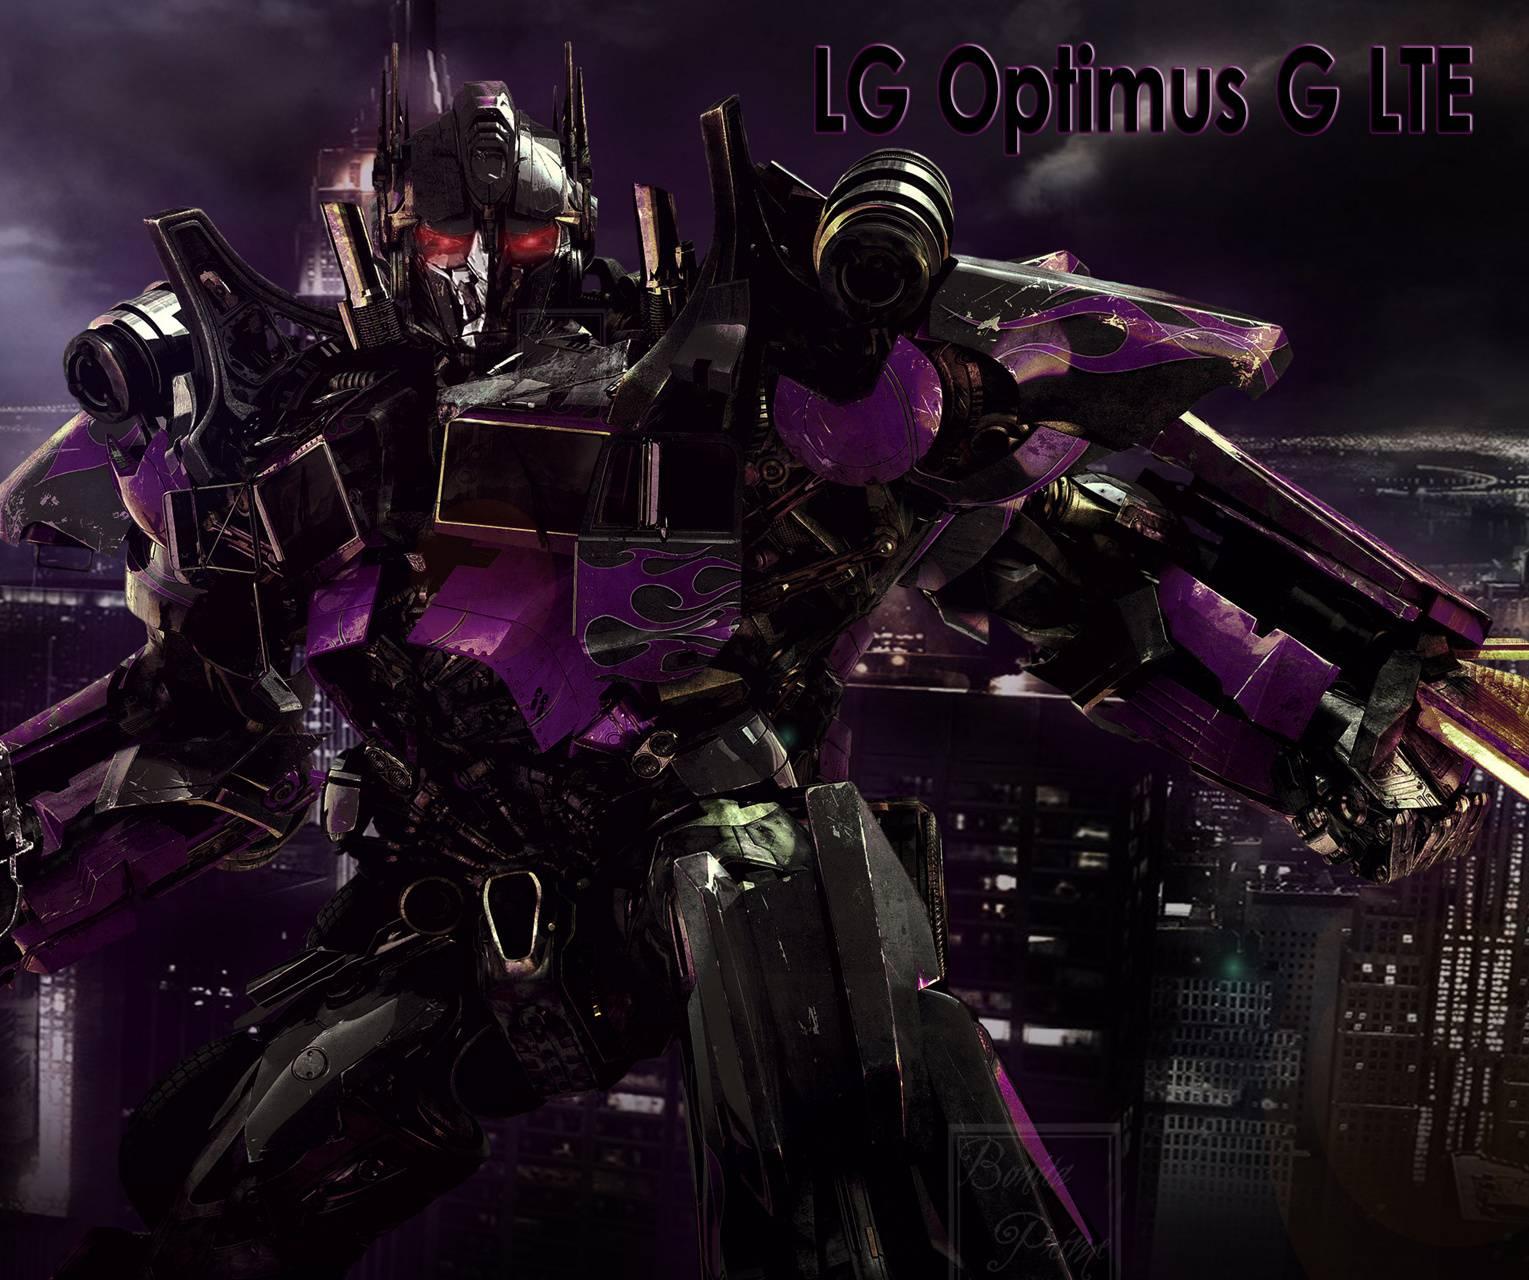 Lg Optimusprime Plum